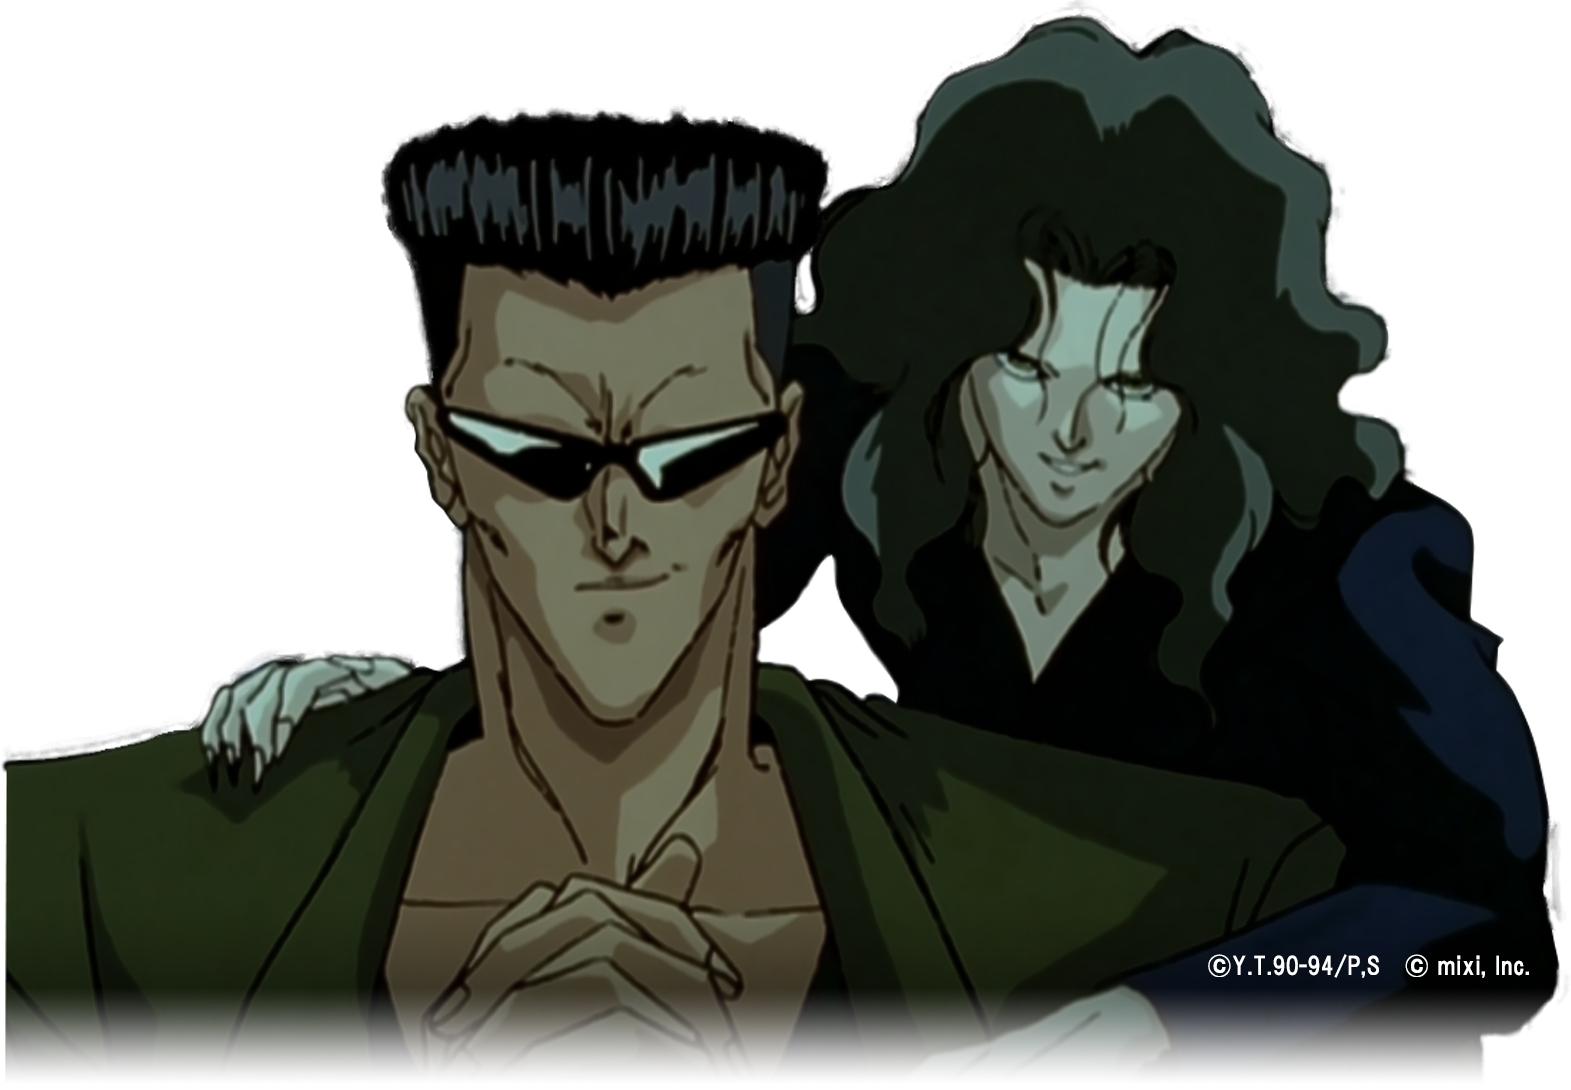 こちらがアニメ版の戸愚呂兄と弟 (c)Yoshihiro Togashi 1990年−1994年 (c)ぴえろ/集英社